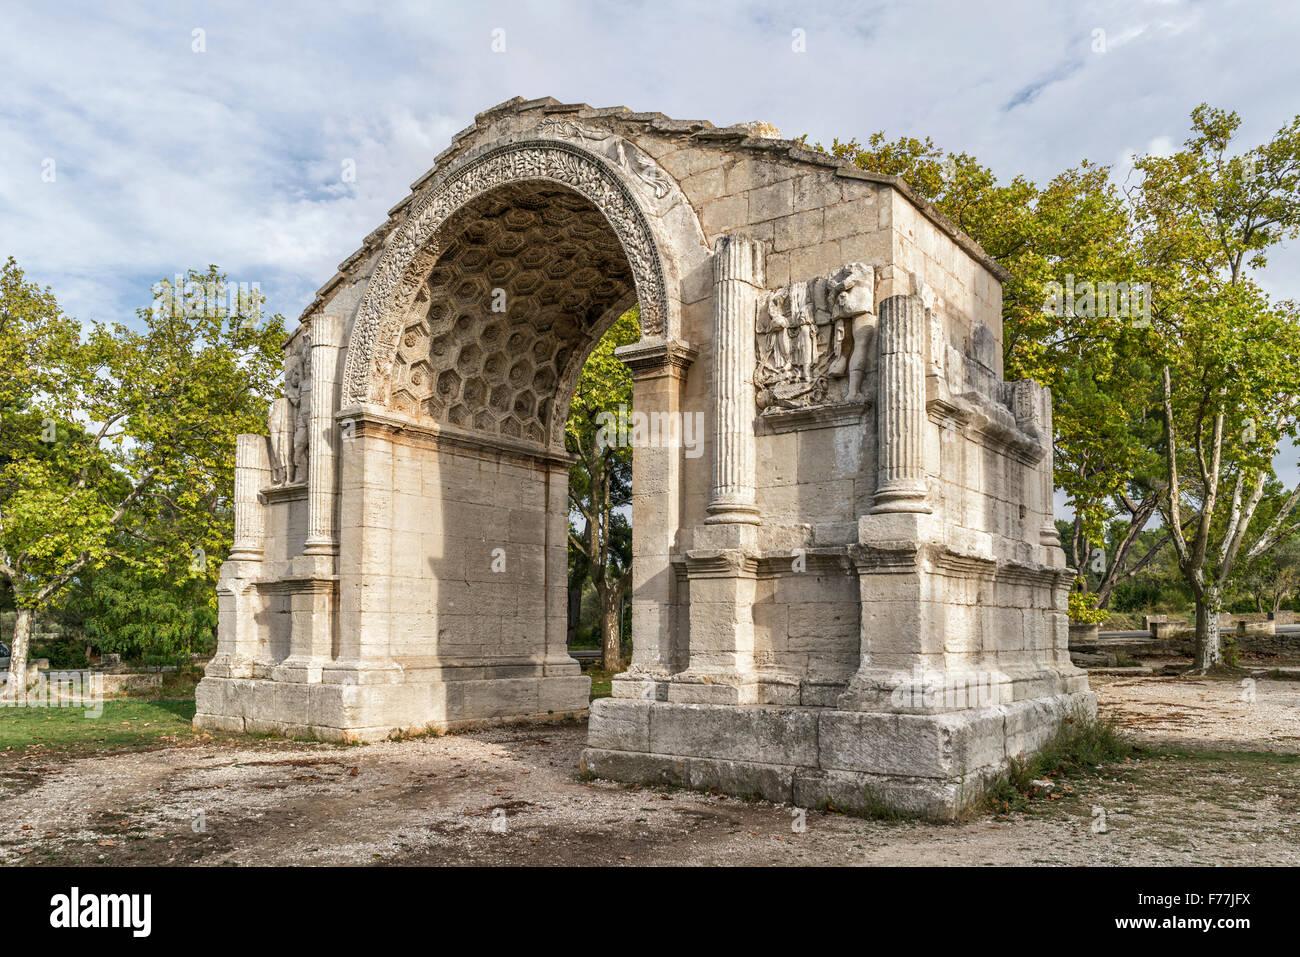 Ruines de Glanum, Washington square arch, monument romain, Saint Remy de Provence, France Photo Stock